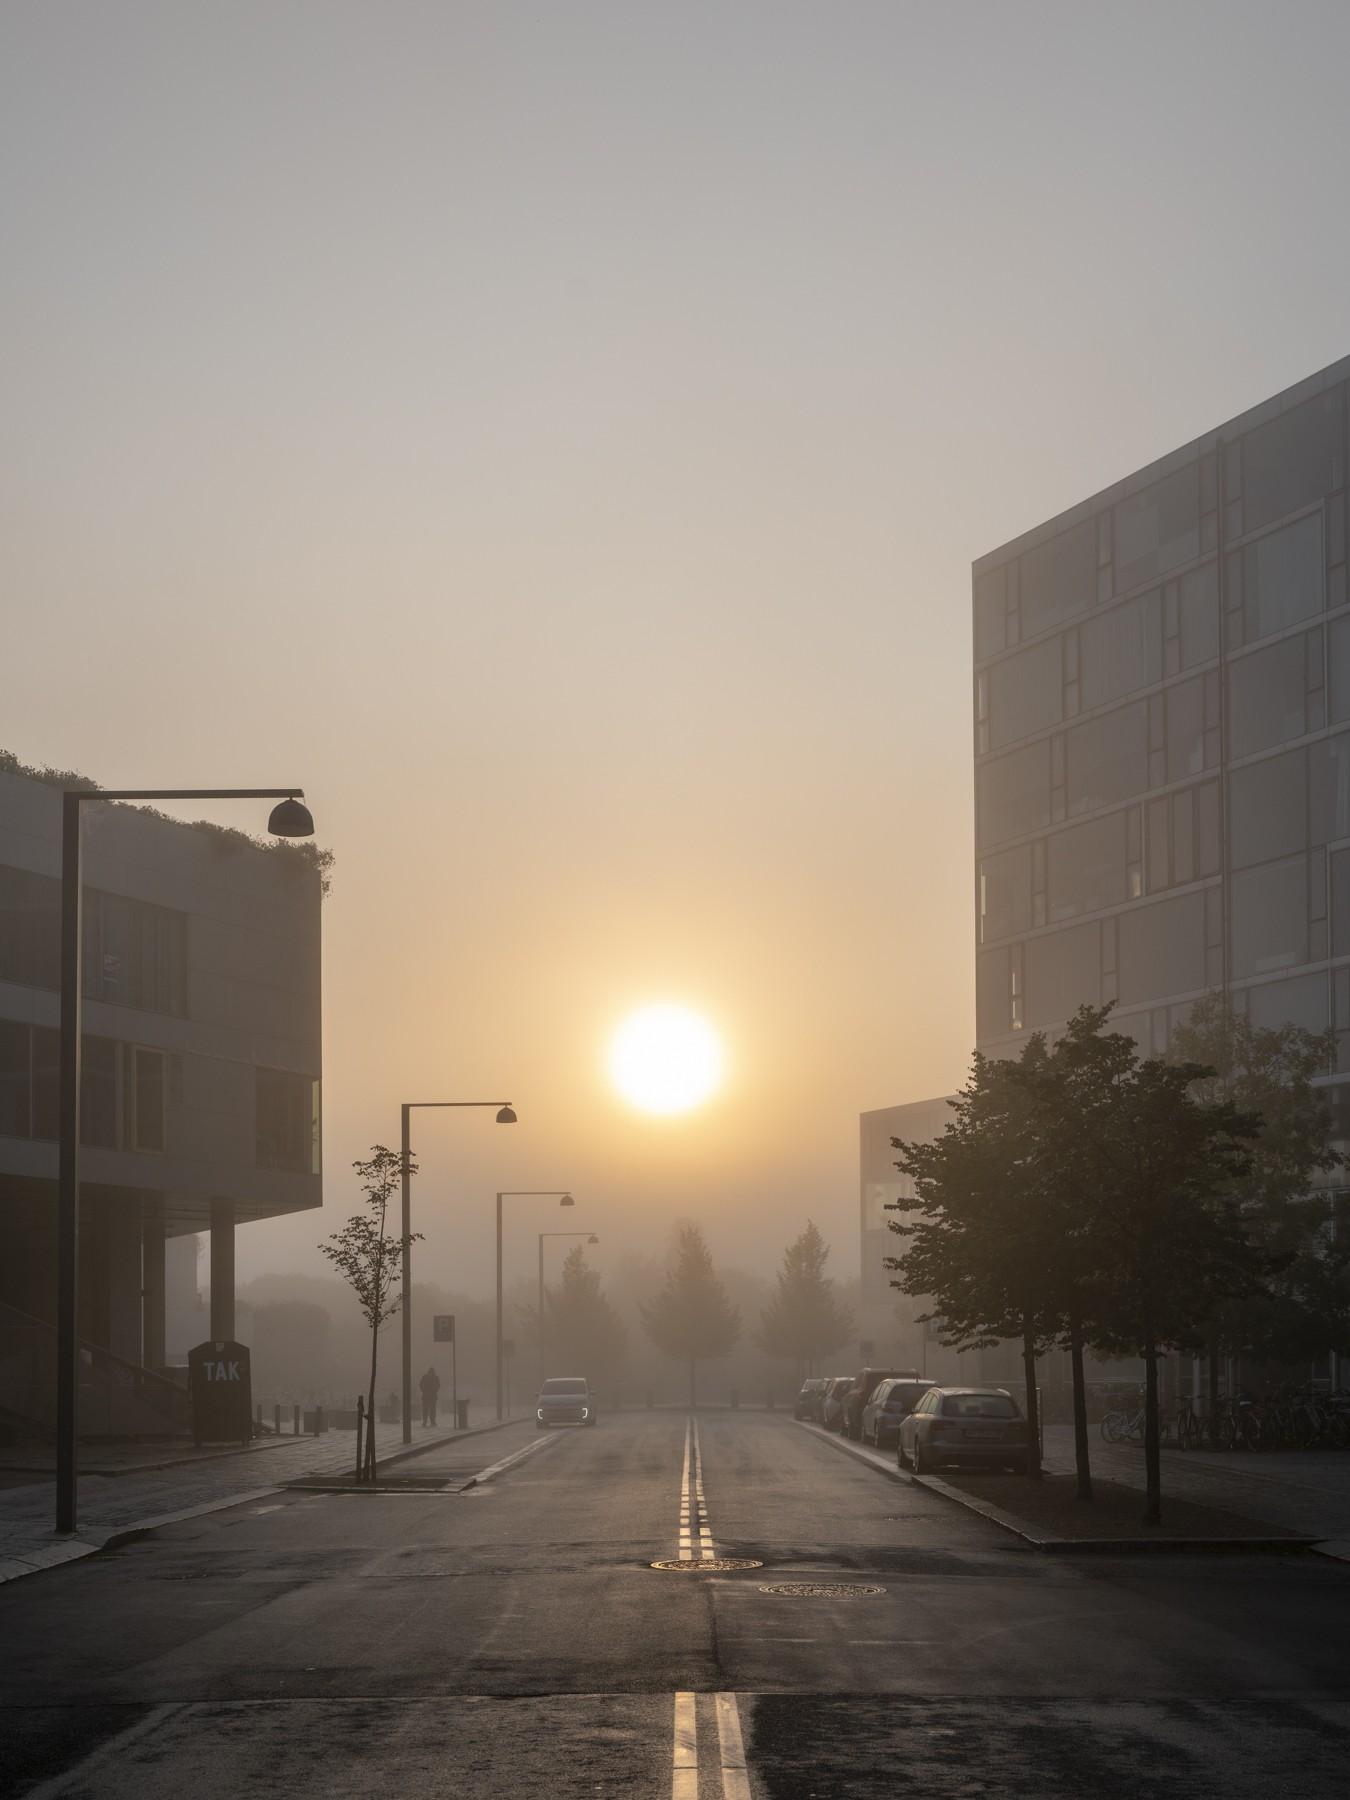 Ørestad C indhyllet i tåge og morgensol